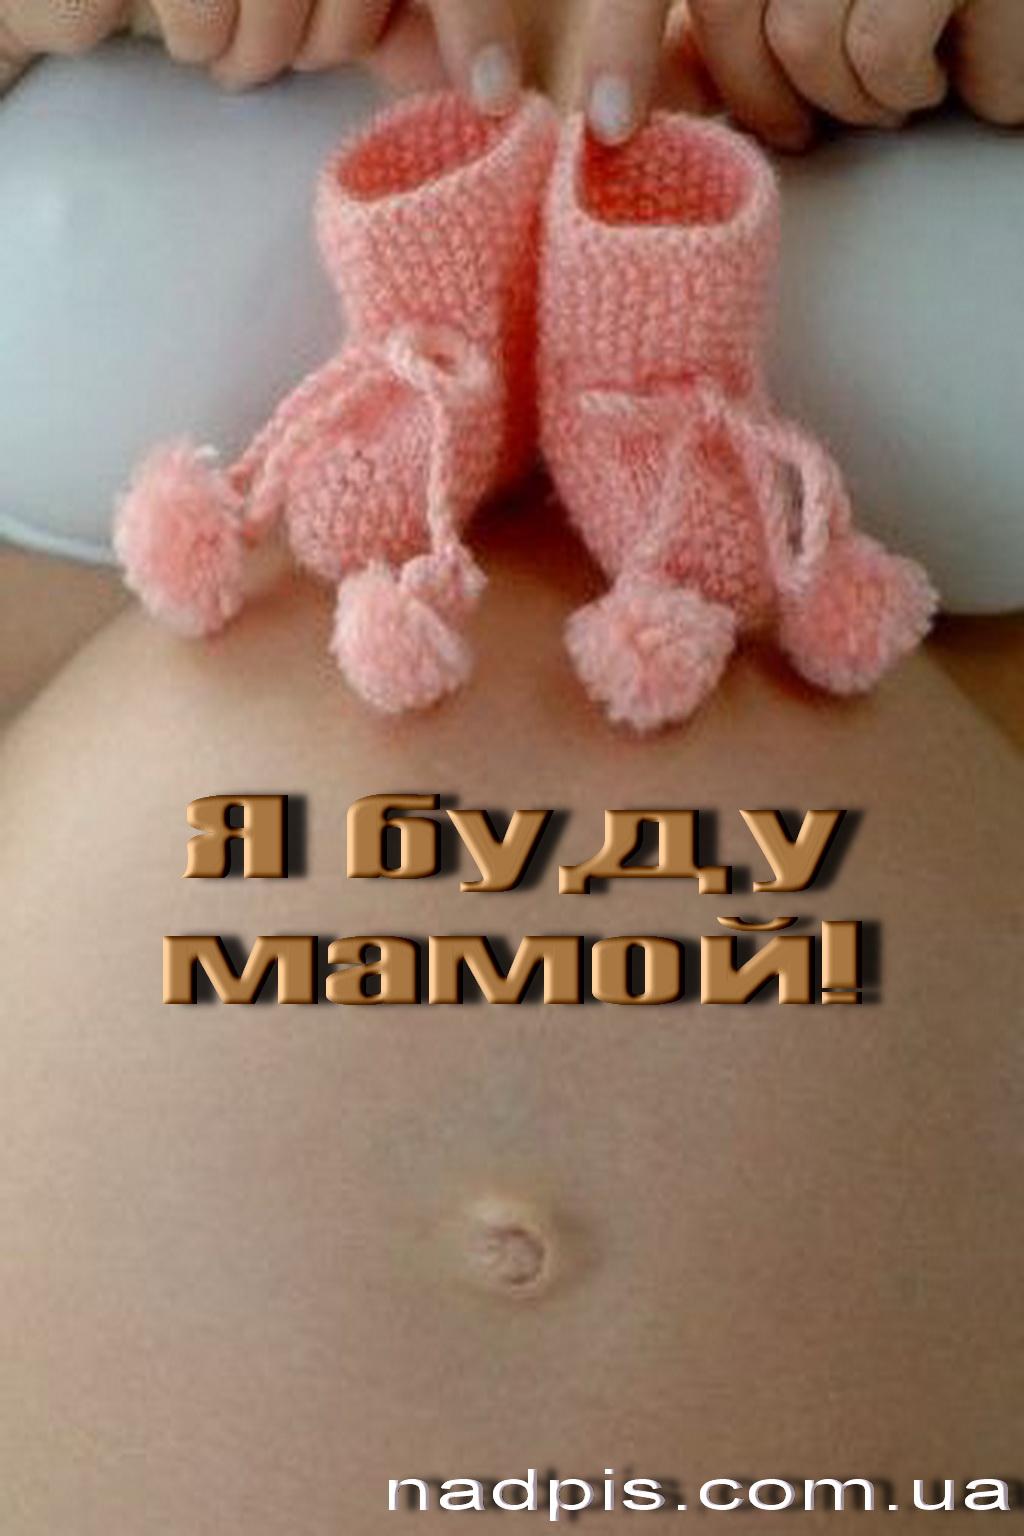 Я буду мамой